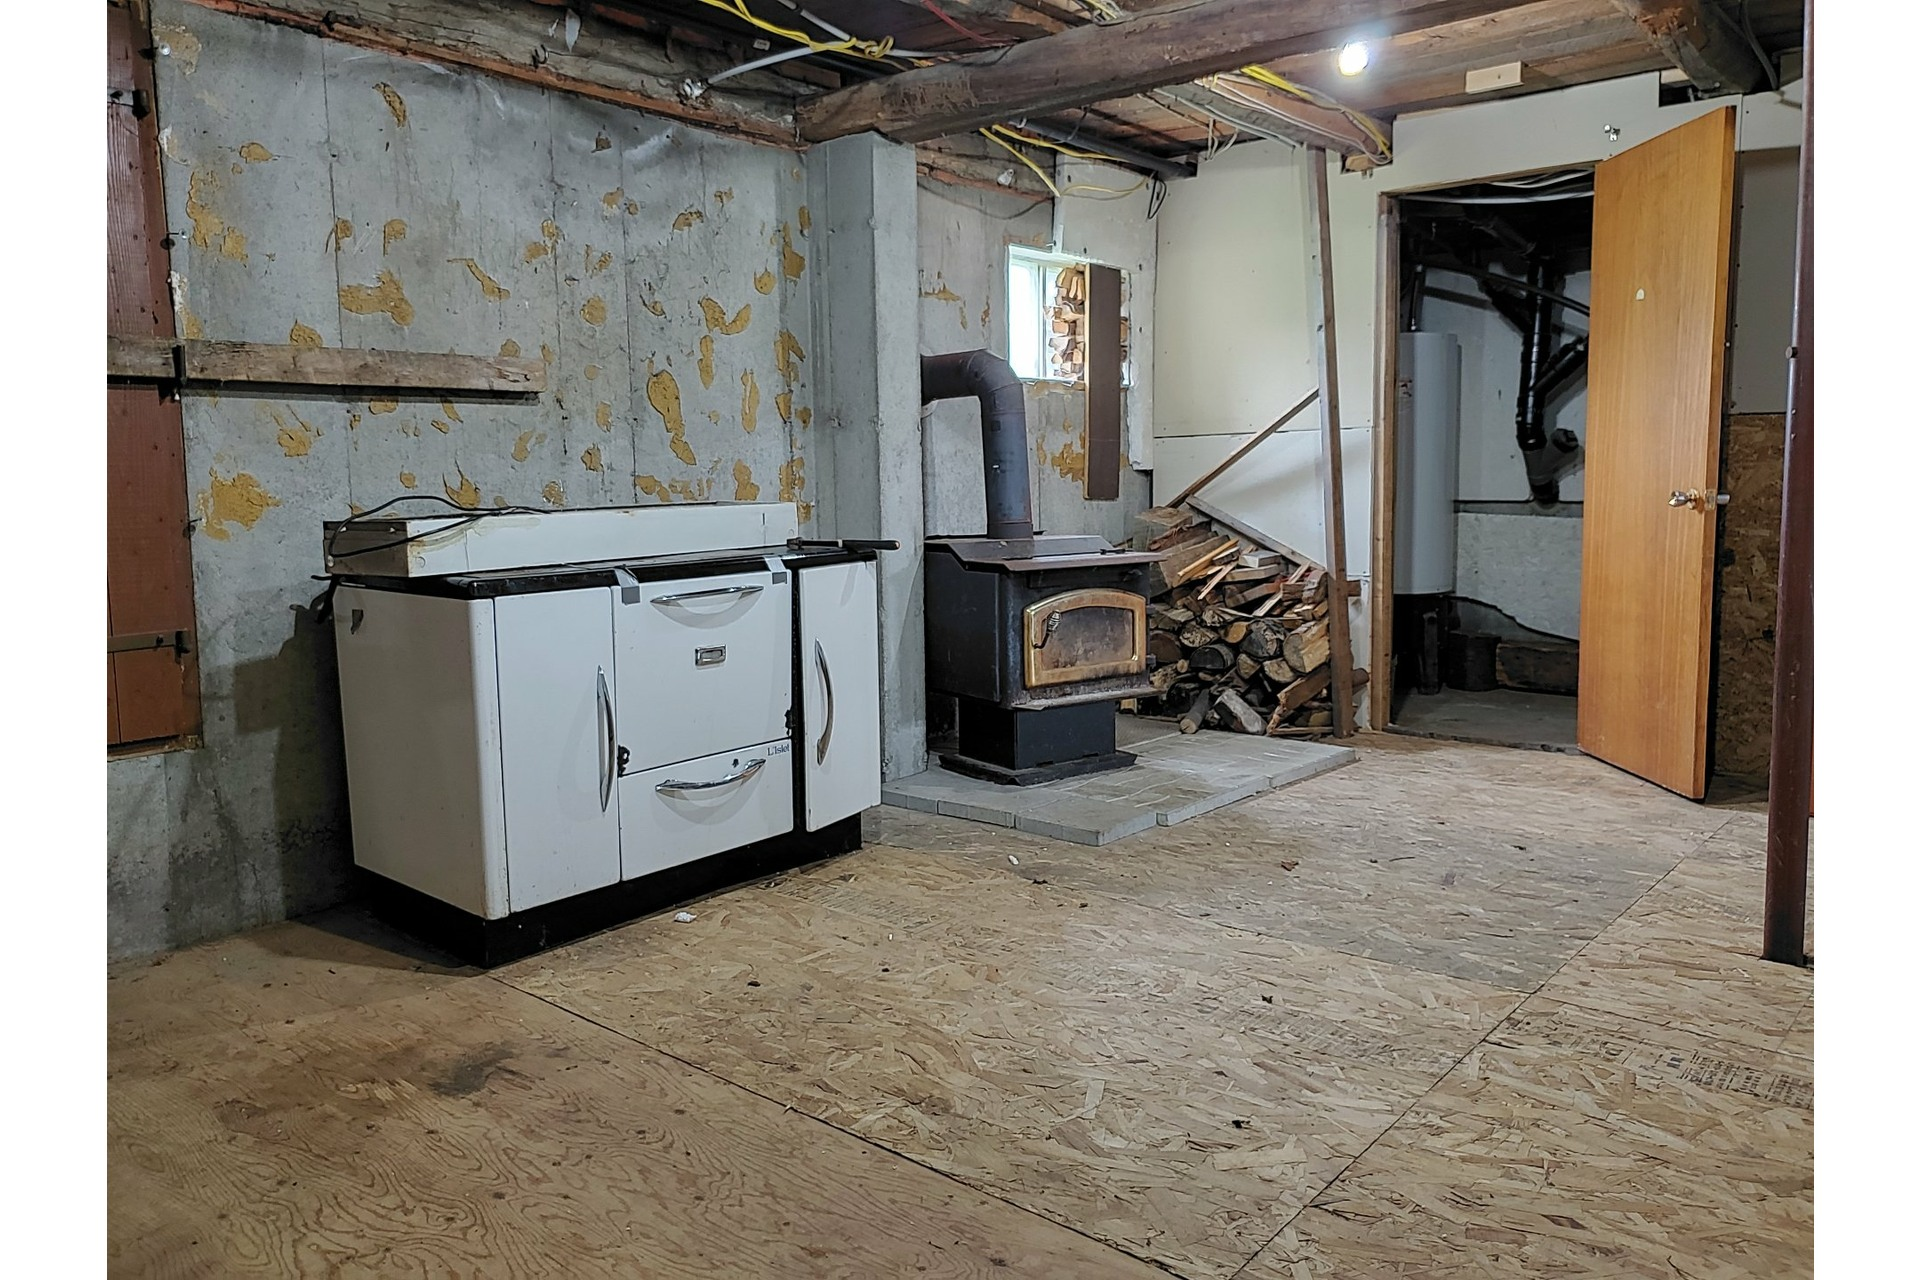 image 29 - Maison À vendre Sainte-Marie-de-Blandford - 10 pièces